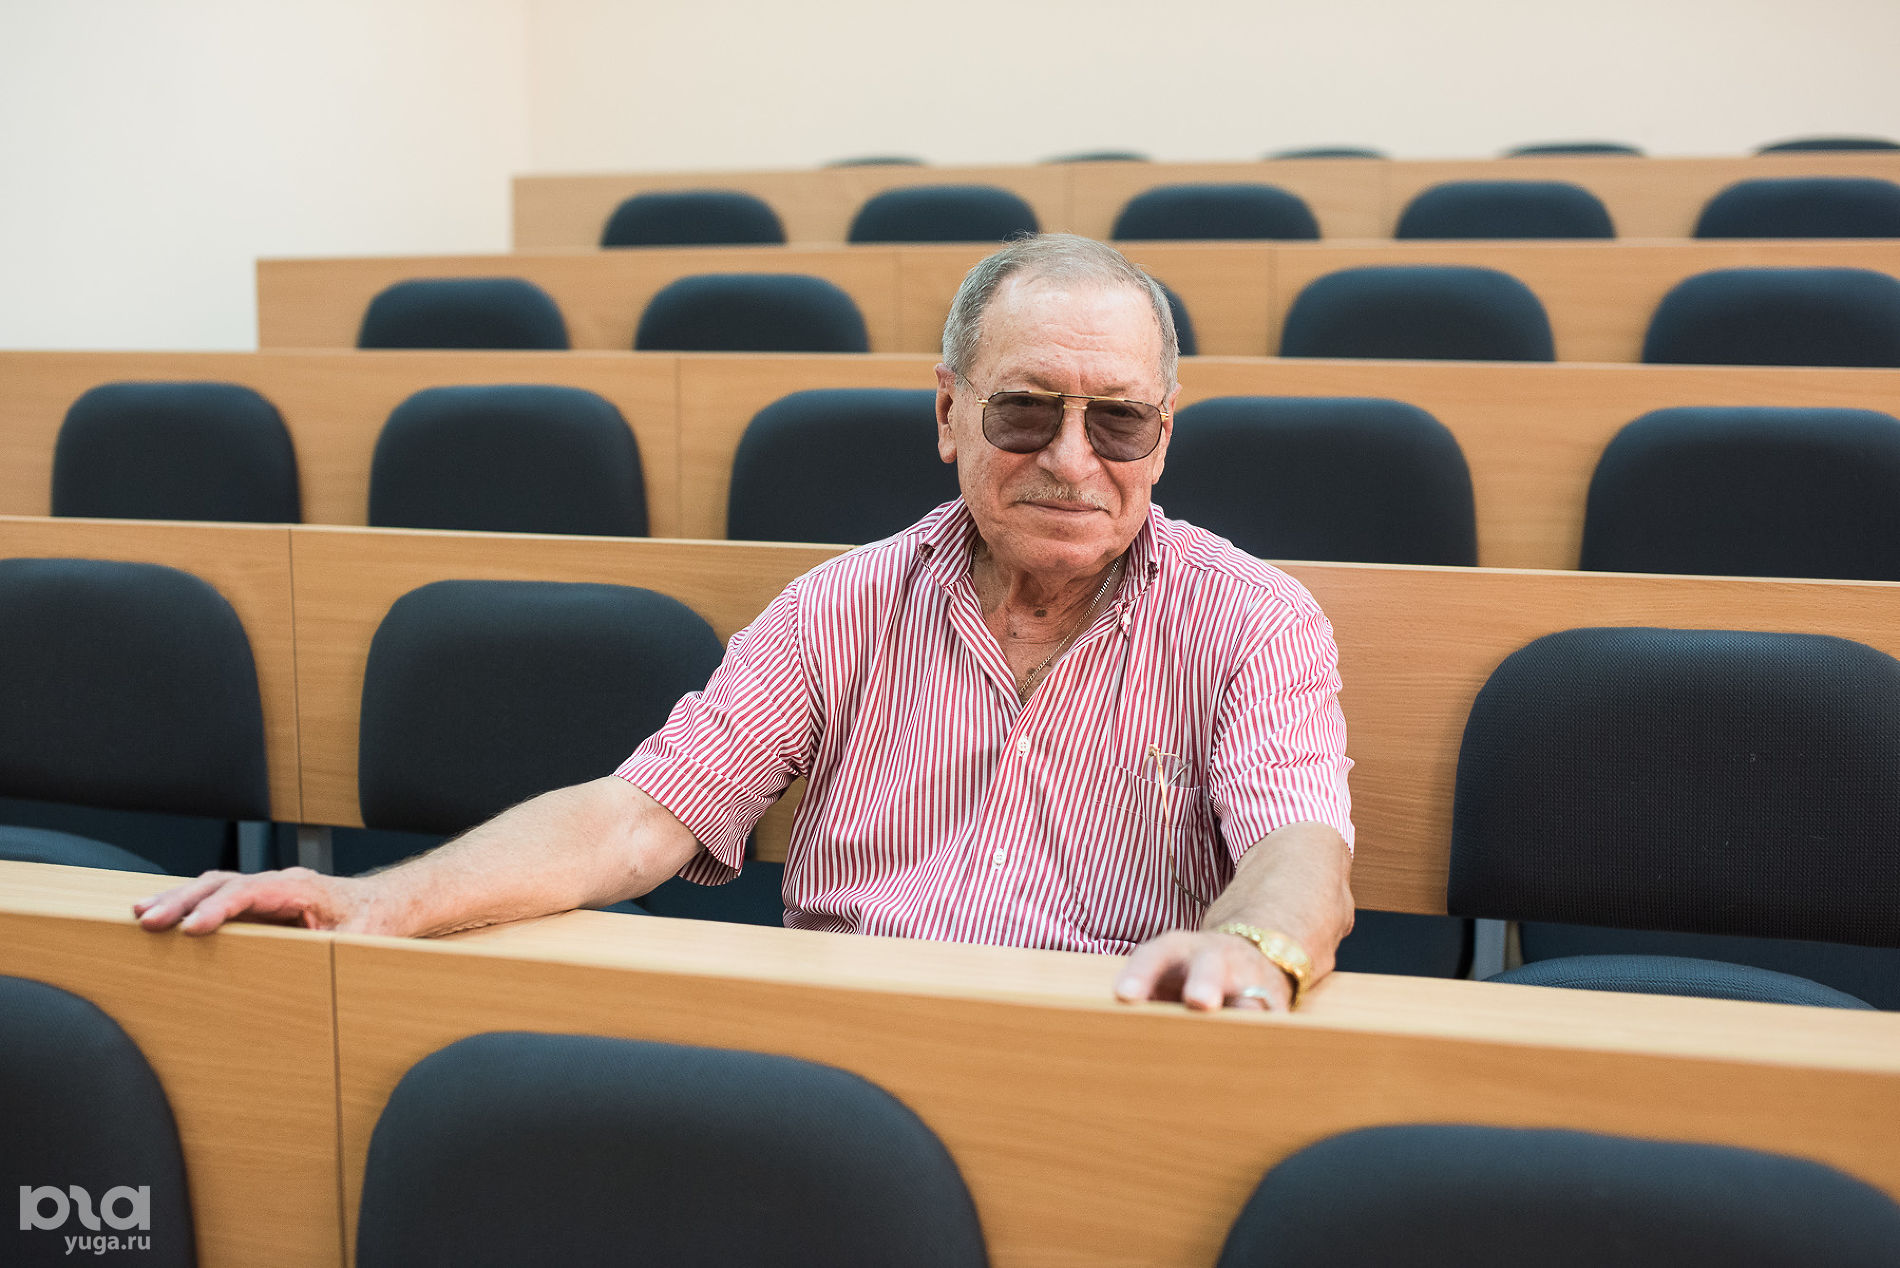 Дмитрий Антониади ©Фото Елены Синеок, Юга.ру